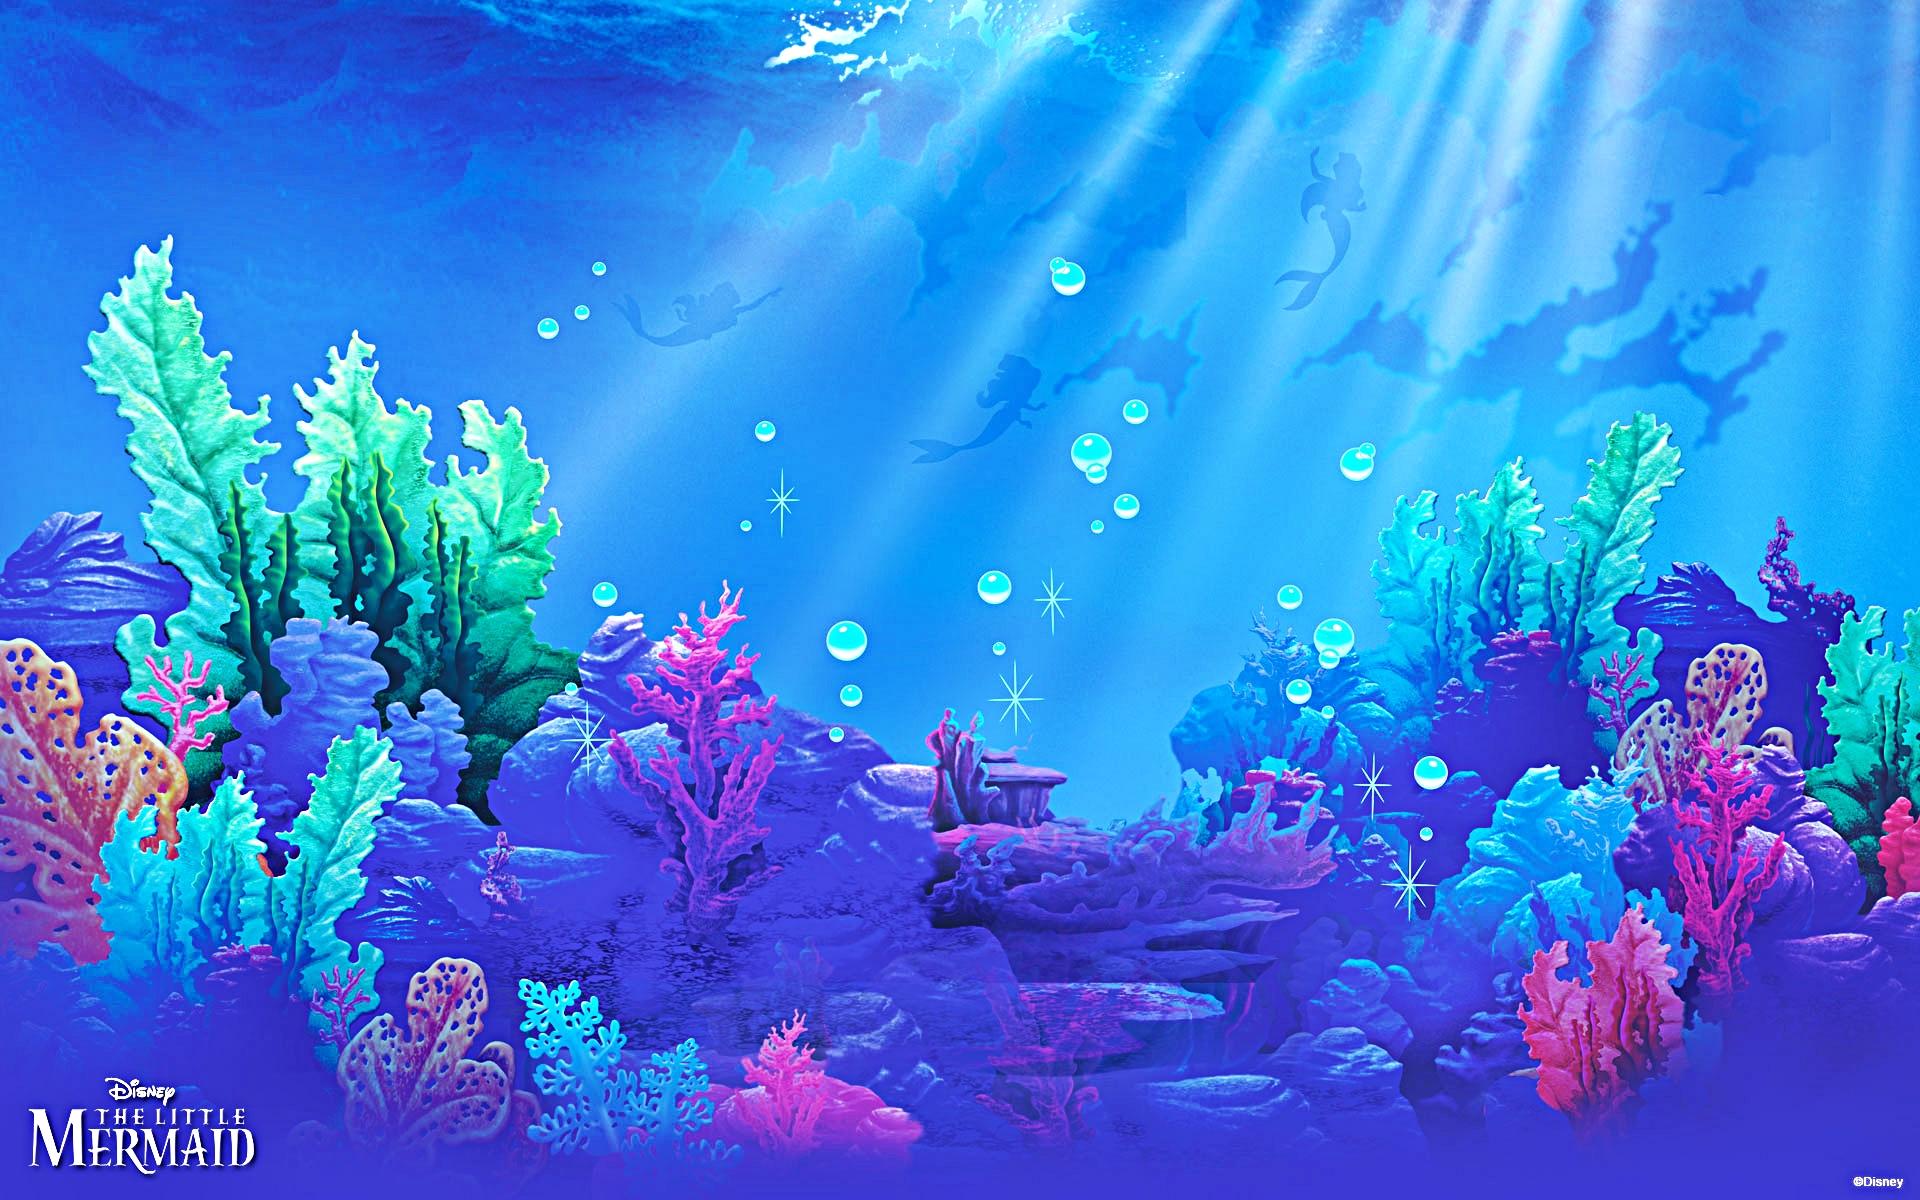 Walt ディズニー 壁紙 The Little Mermaid ウォルト ディズニー